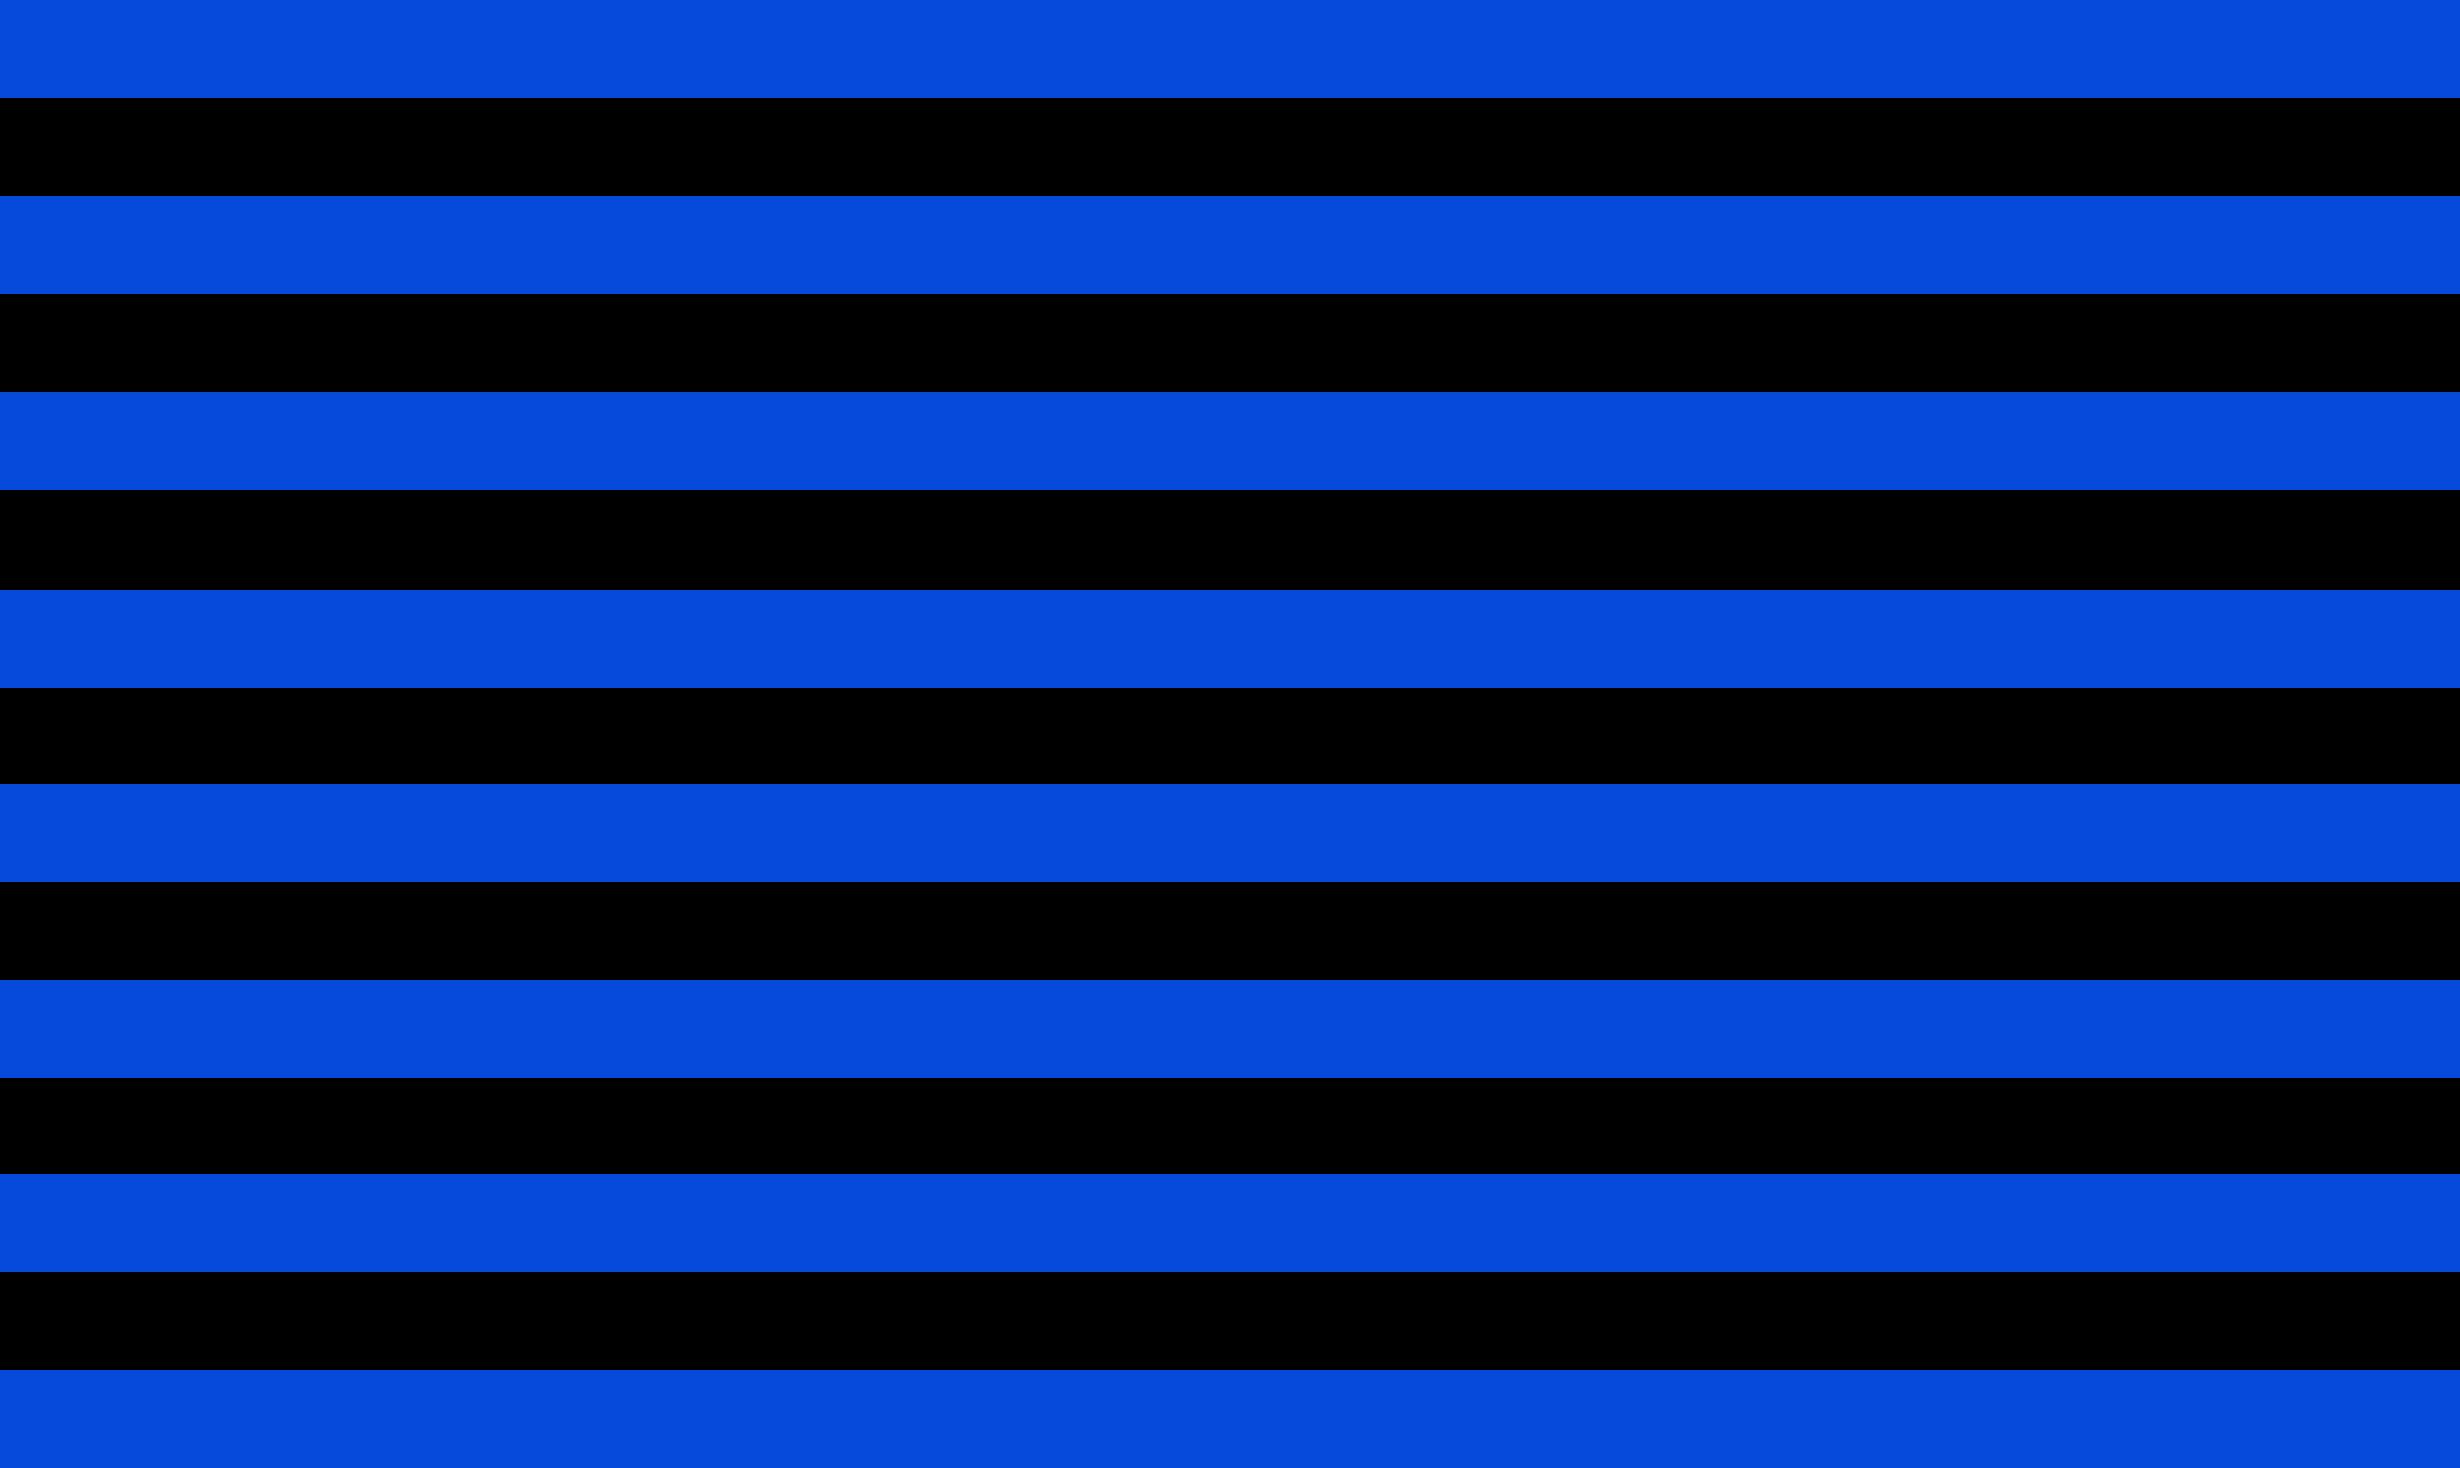 8 blue bars